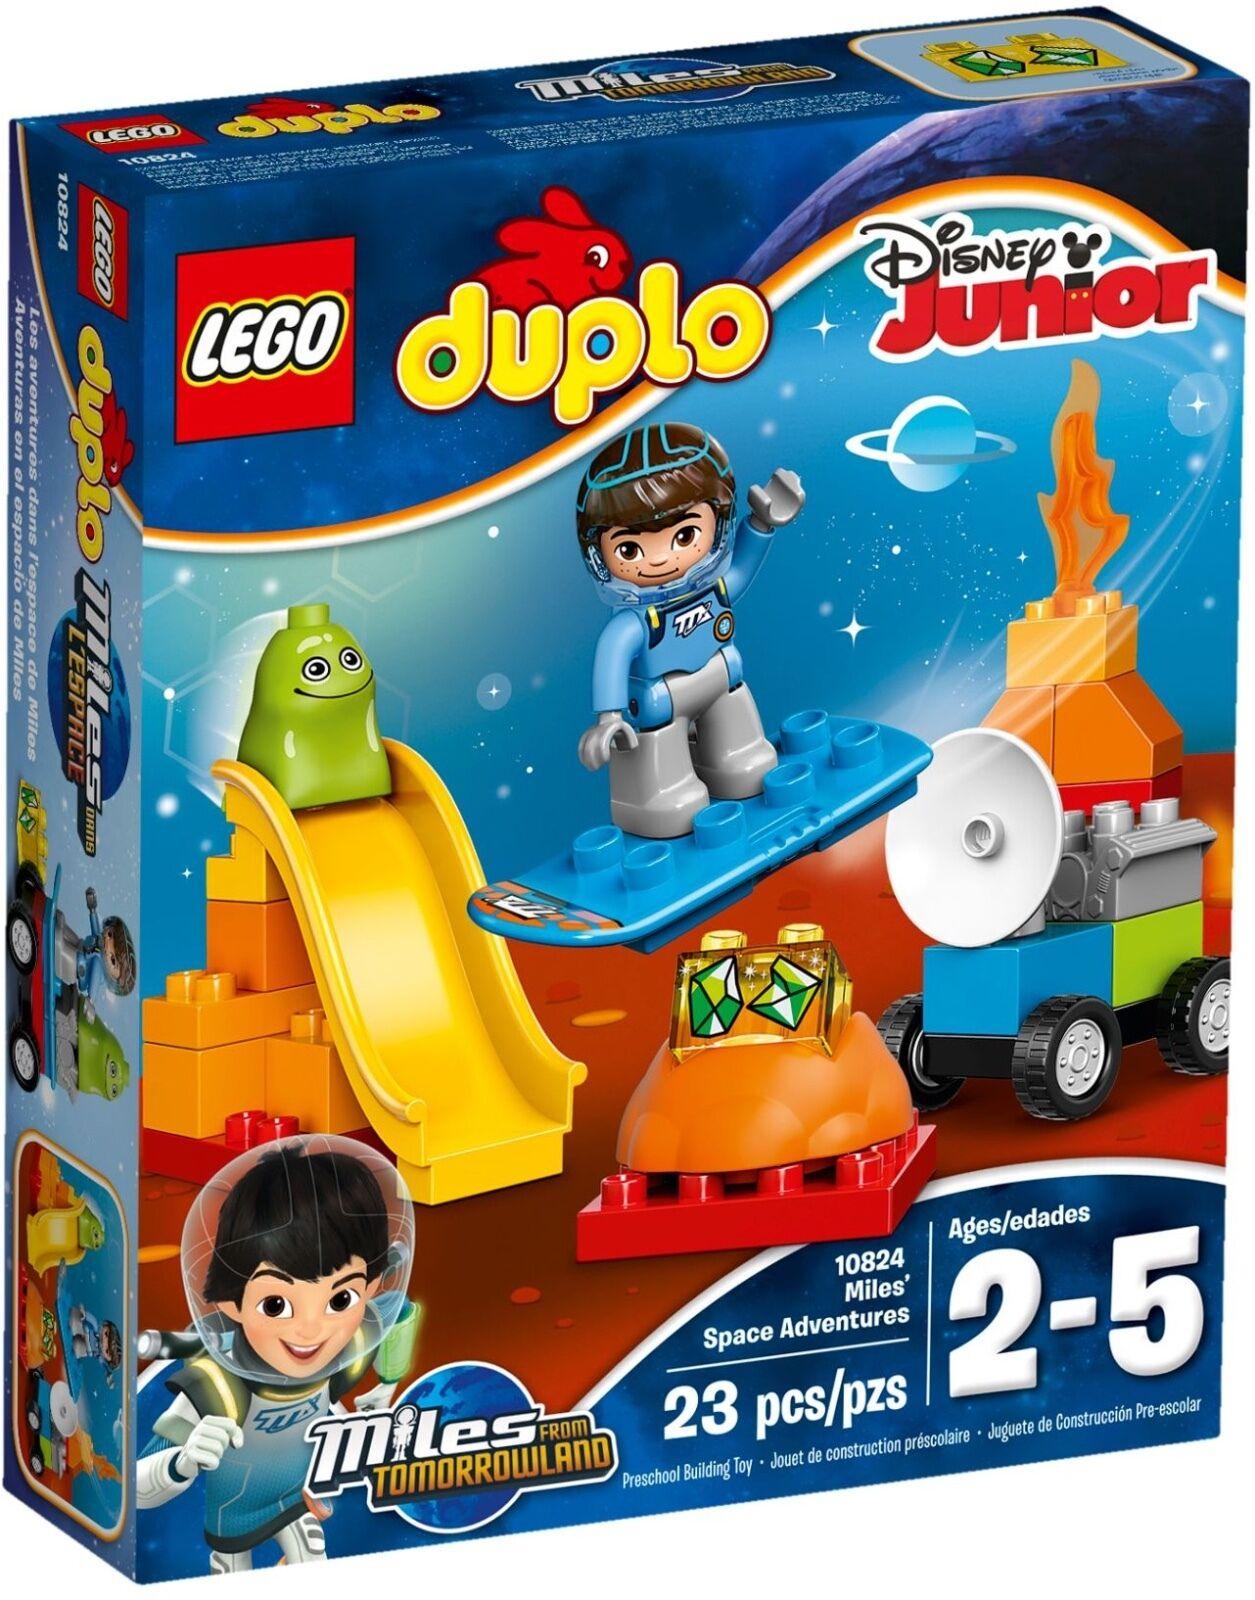 LEGO ® DUPLO ® 10824 Mi spatiale Aventure Nouveau neuf dans sa boîte _ Miles 'Space Adventures NEW